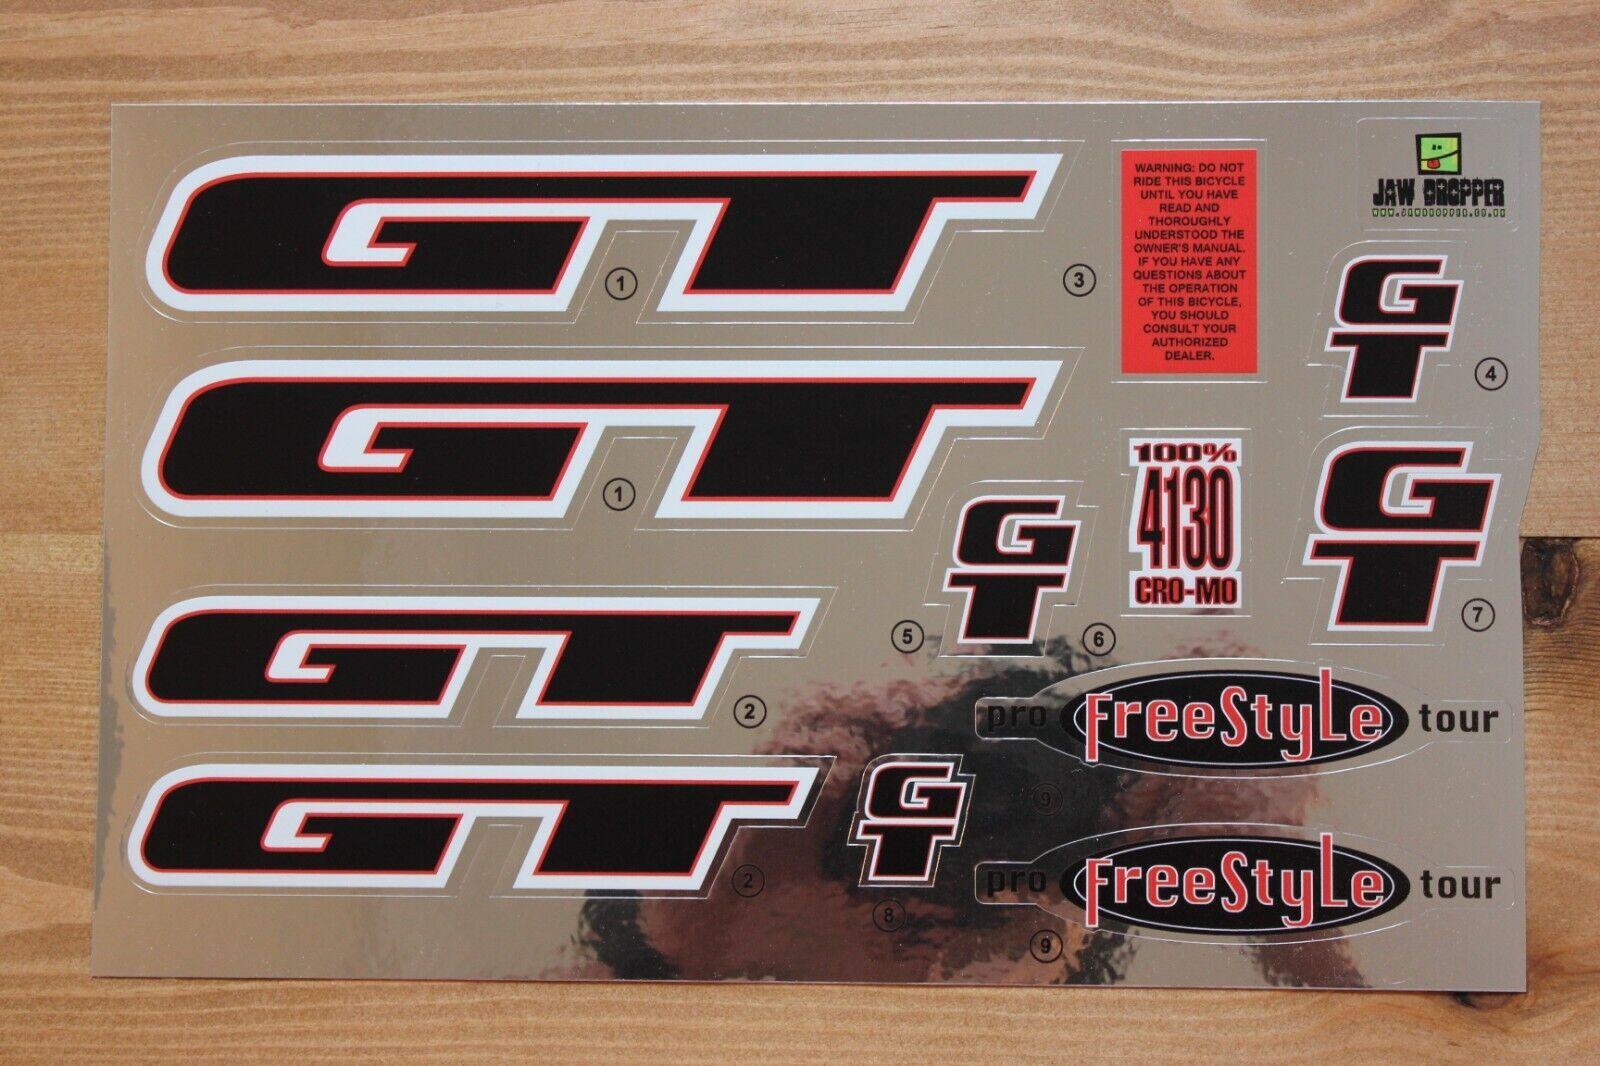 1997 Reproduction GT Pro Freestyle Tour BMX Decalcomania SetCROMO SUPPORTO